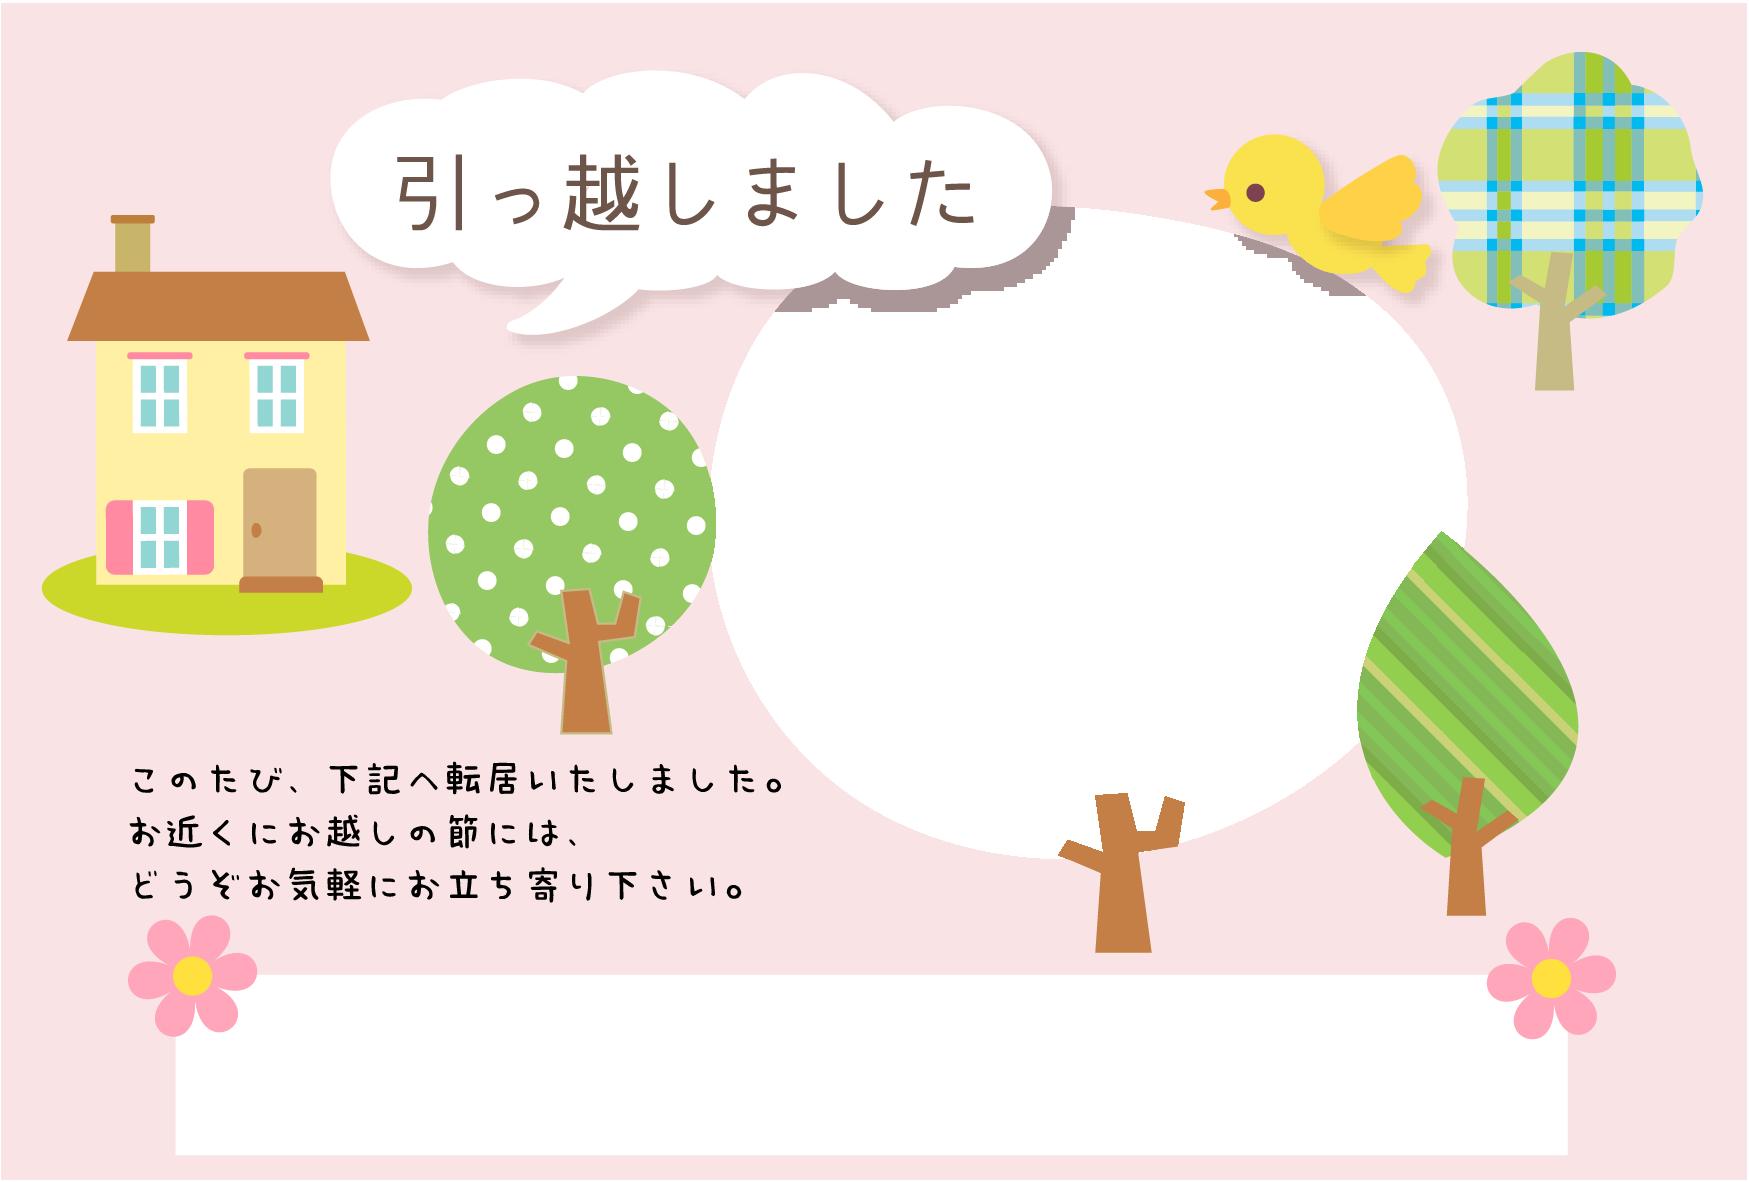 引っ越し報告・お知らせハガキの無料デザインテンプレート③